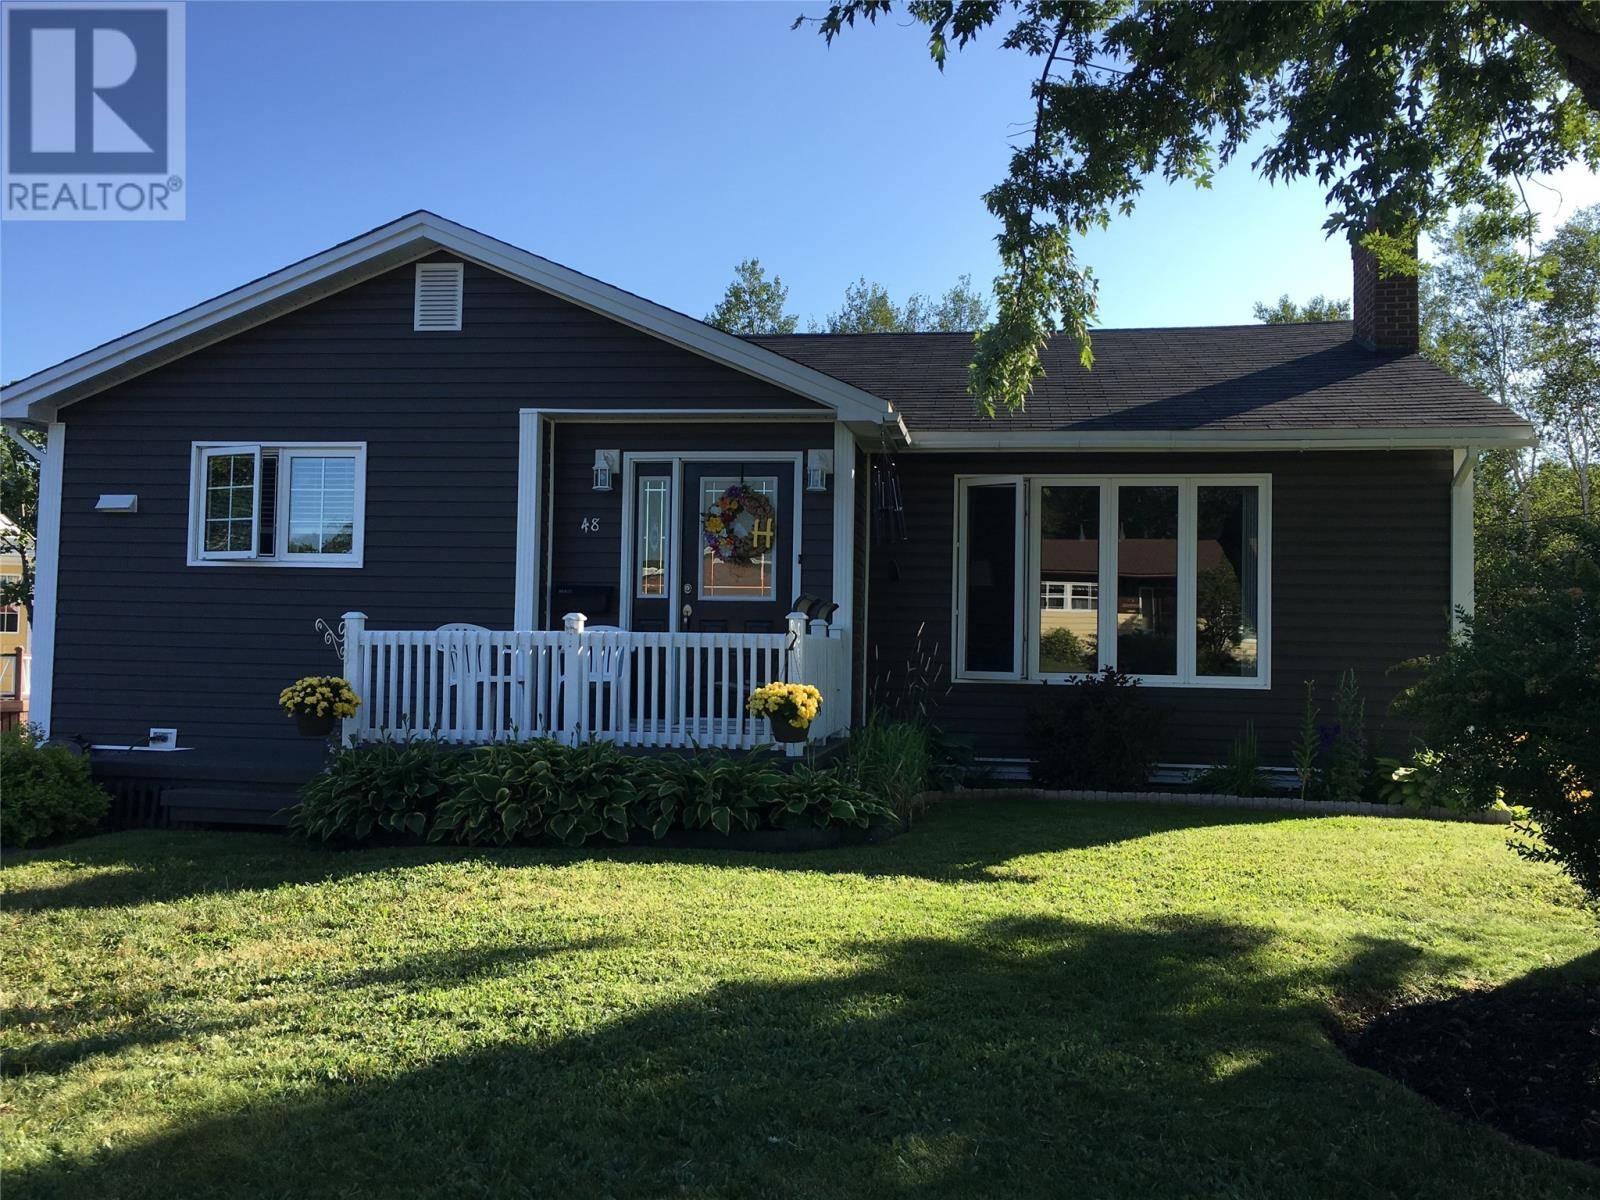 House for sale at 48 Bennett Dr Gander Newfoundland - MLS: 1197073